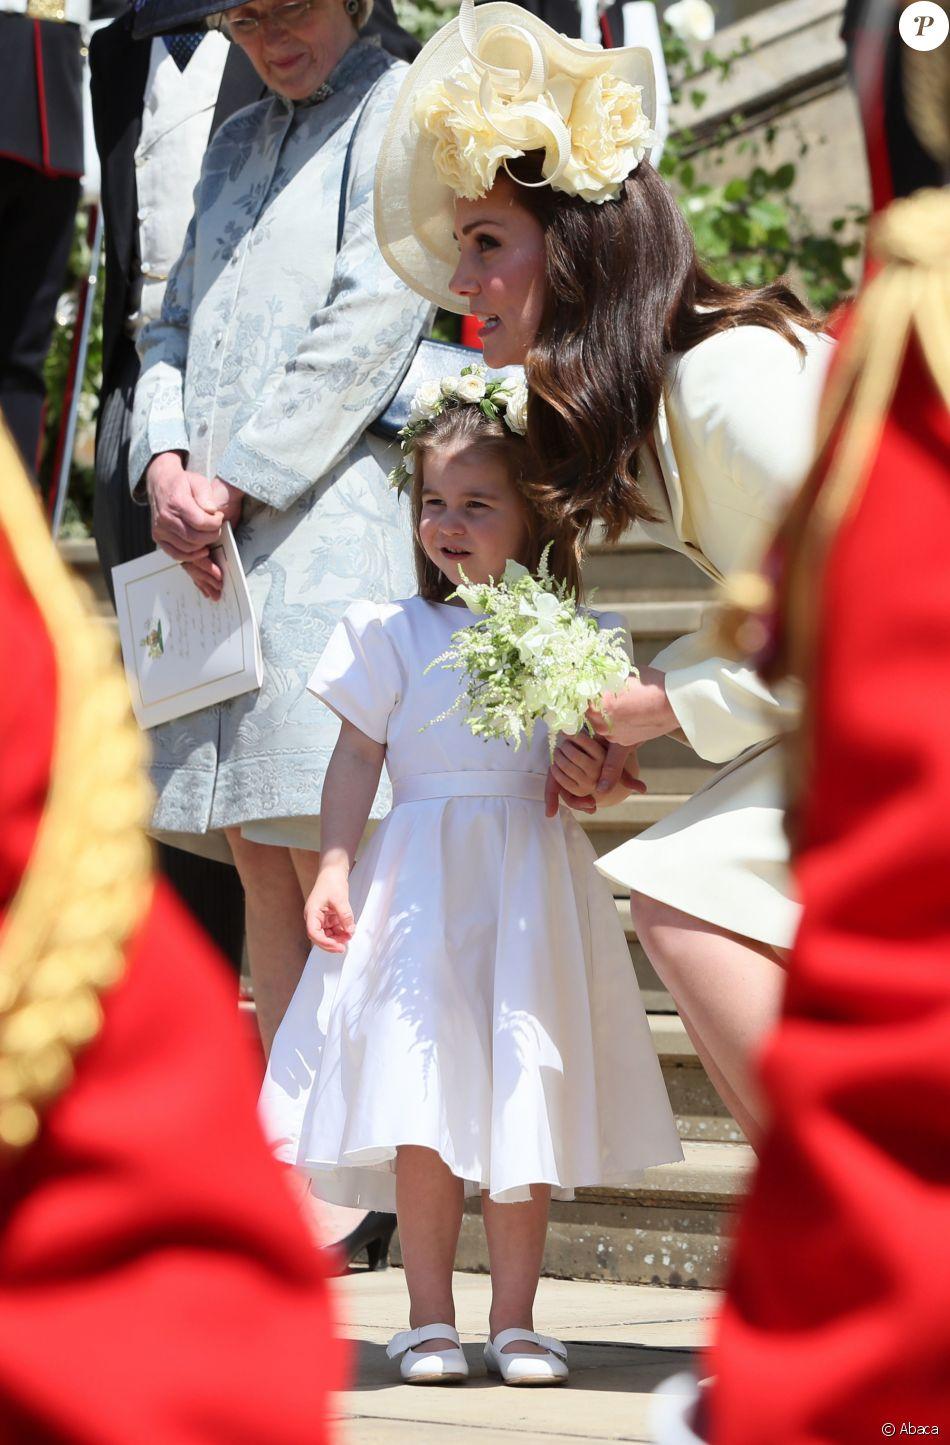 Kate Middleton, la duchesse de Cambridge, et sa fille, le princesse Charlotte, arrivent à la chapelle St George au château de Windsor pour le mariage du prince Harry et de Meghan Markle, le 19 mai 2018.